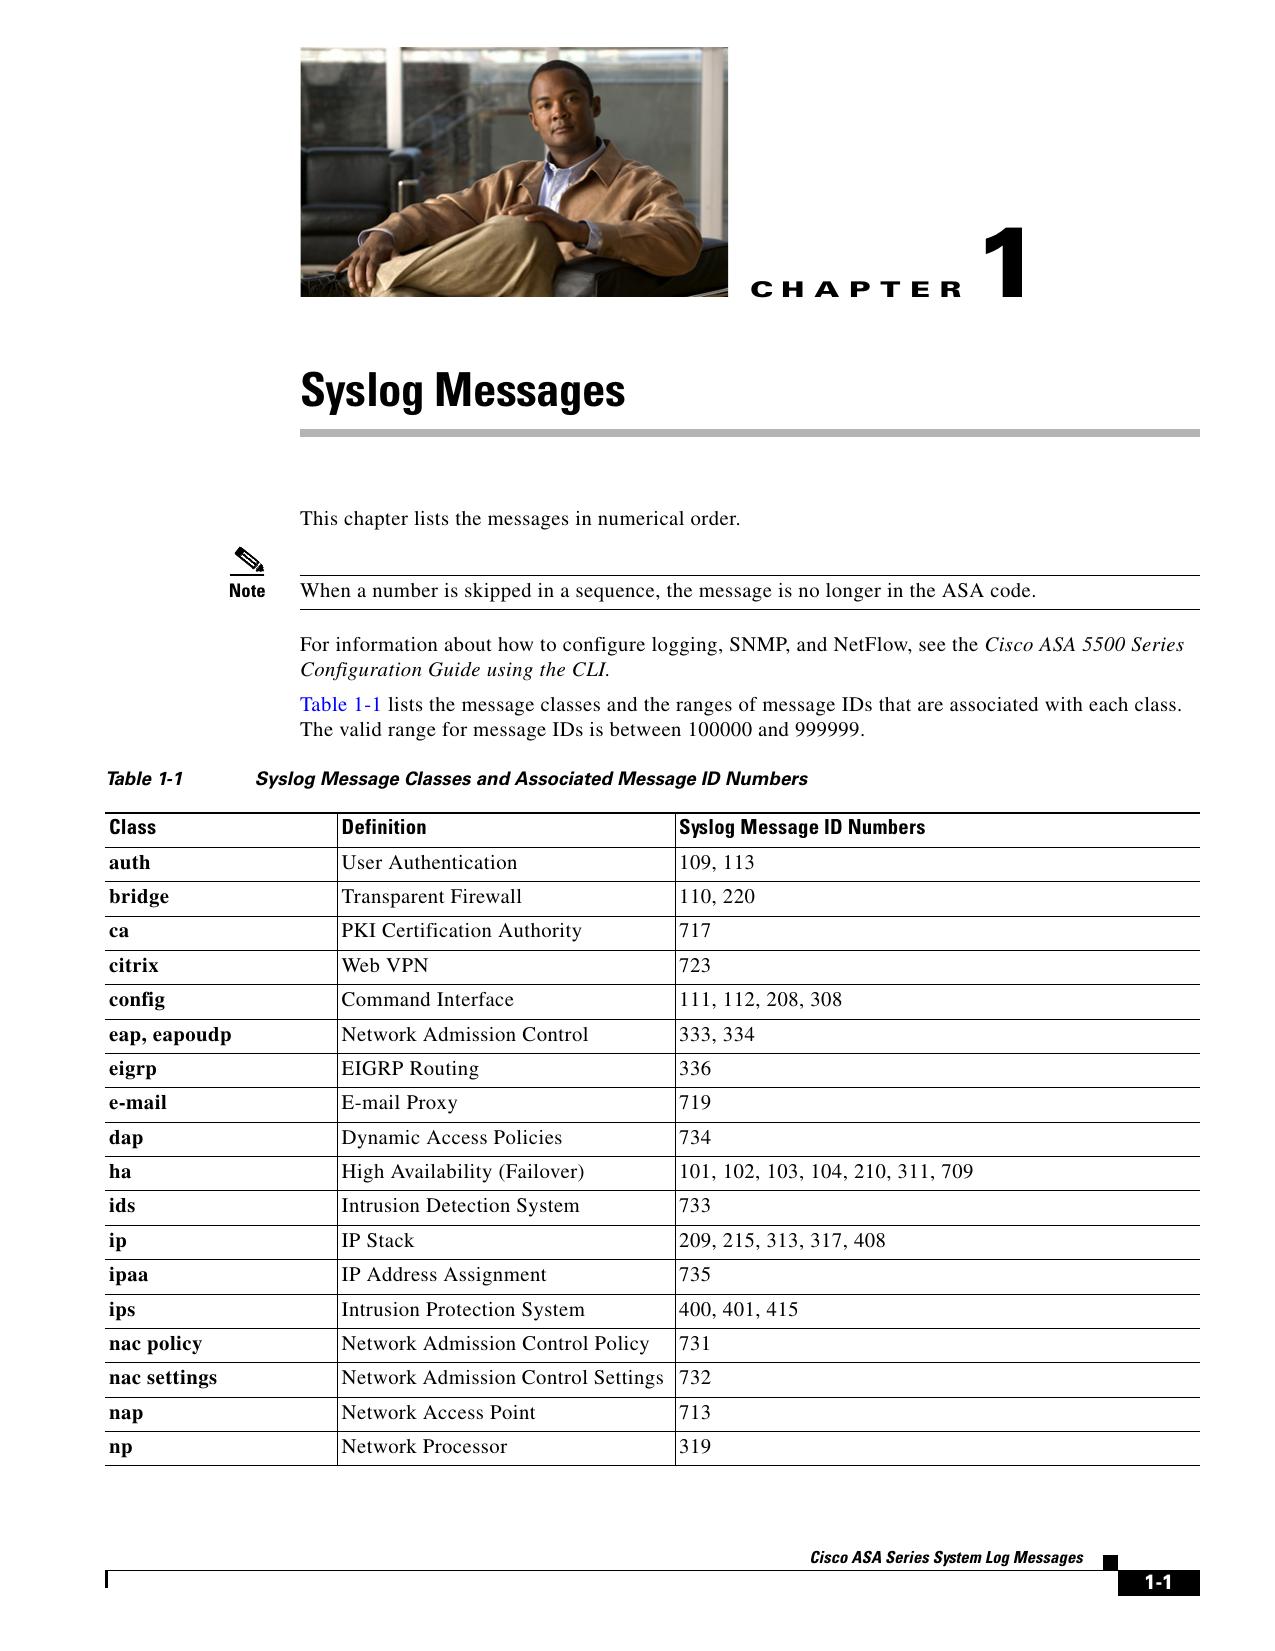 Syslog Messages | manualzz com